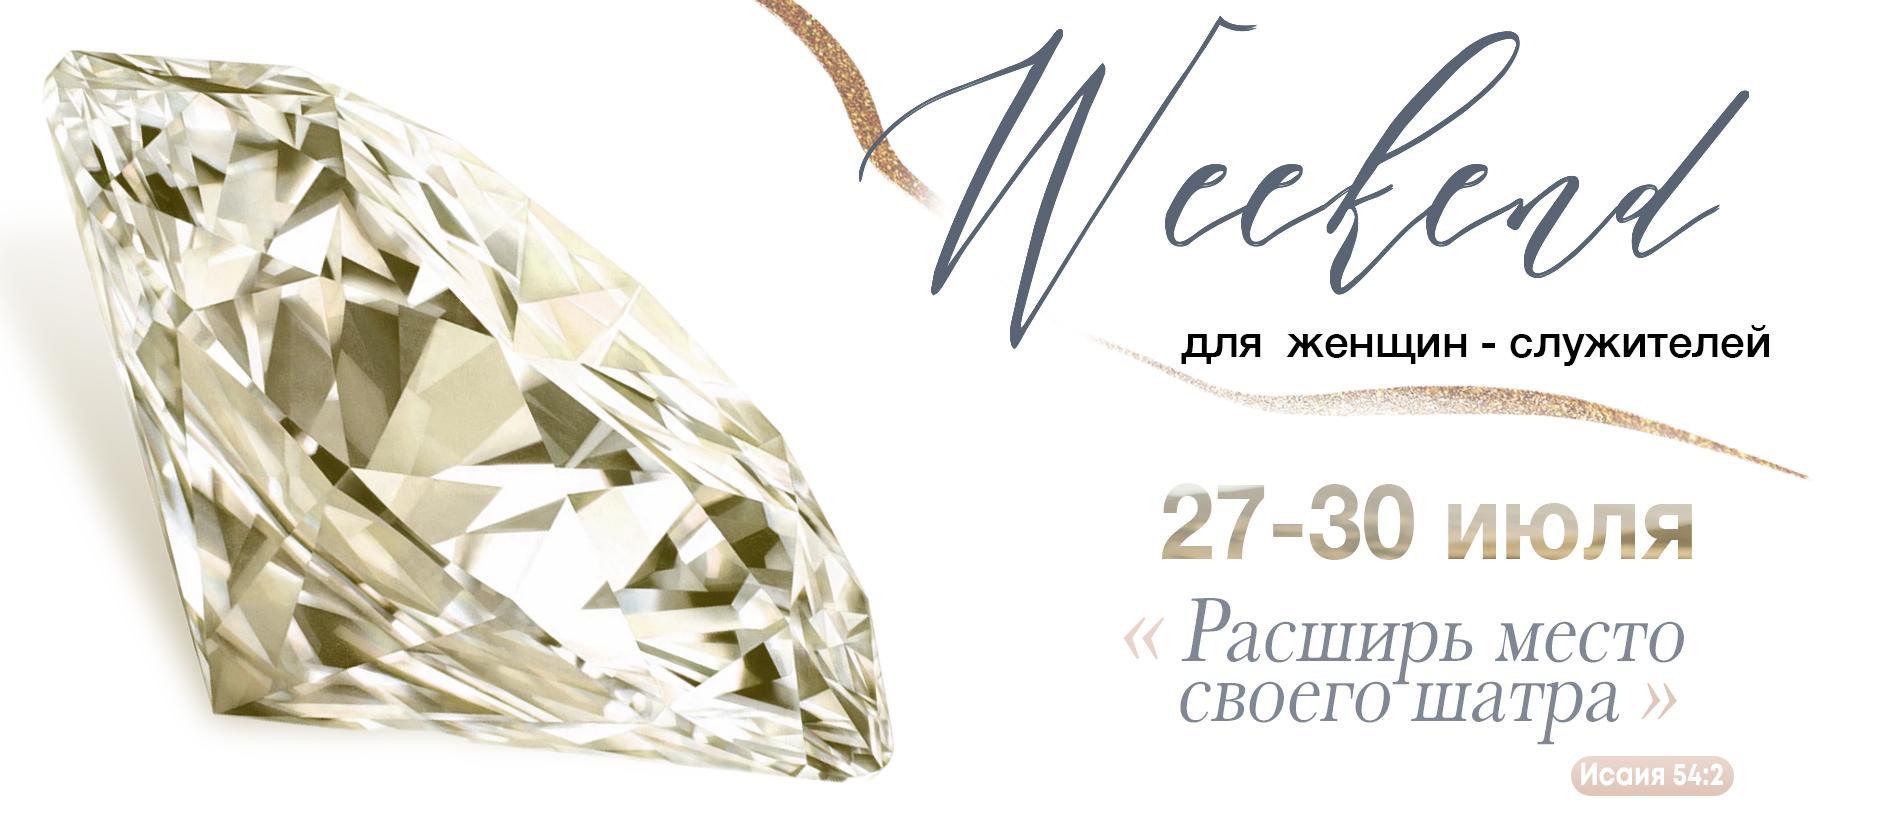 ЖЕНСКИЙ УИКЕНД 27-30 июля || регистрация